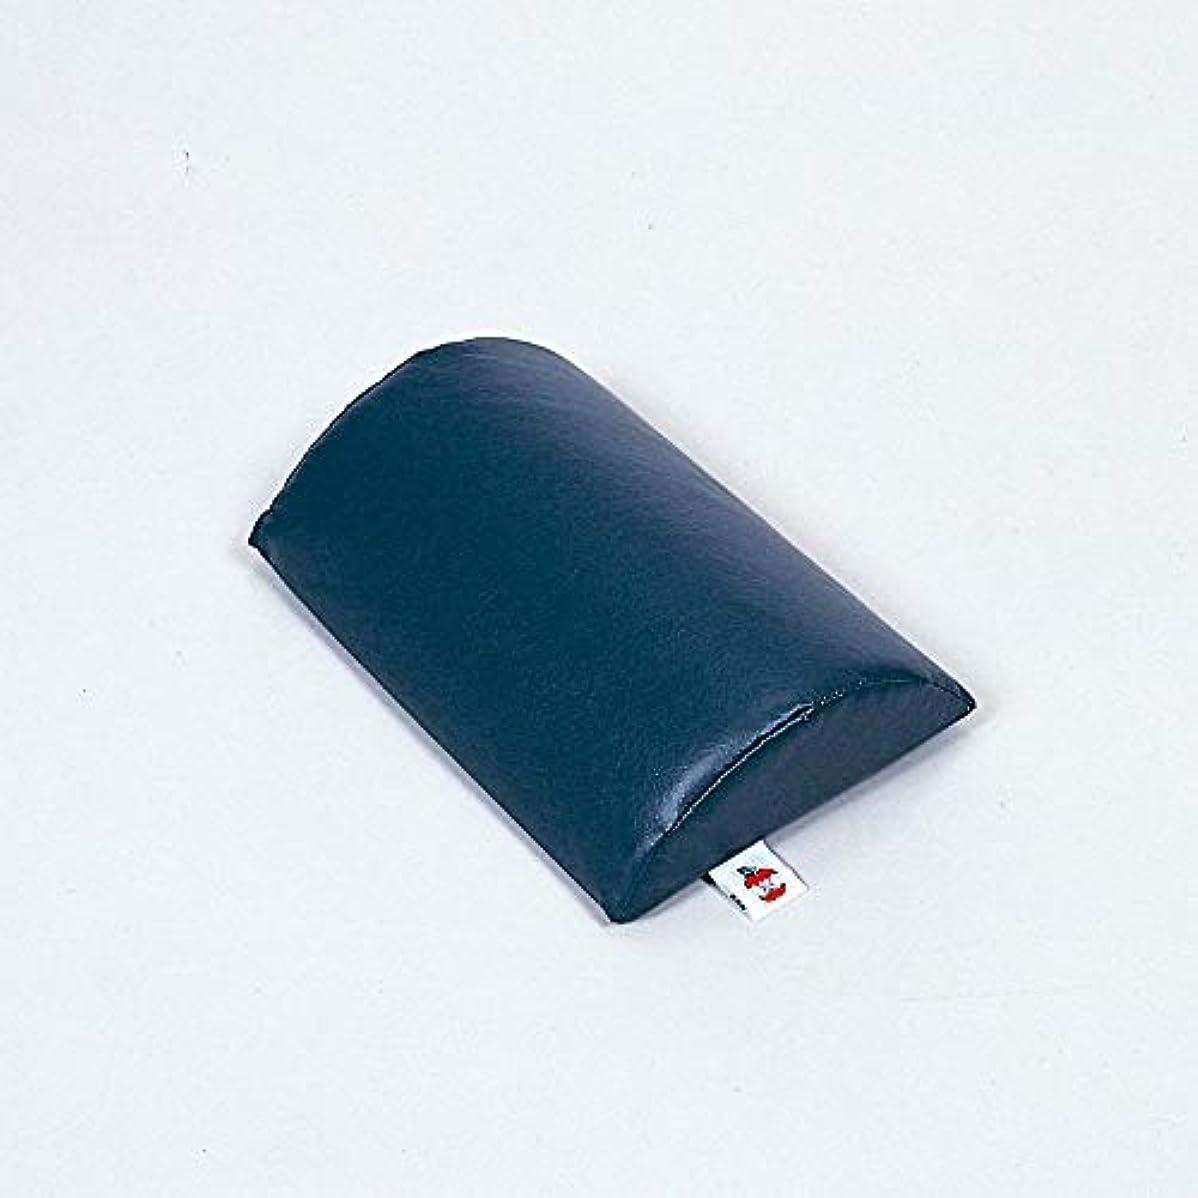 激怒畝間座るCORE PRODUCT(コアプロダクツ) ミニピロー 枕として 手足の固定用 クッション